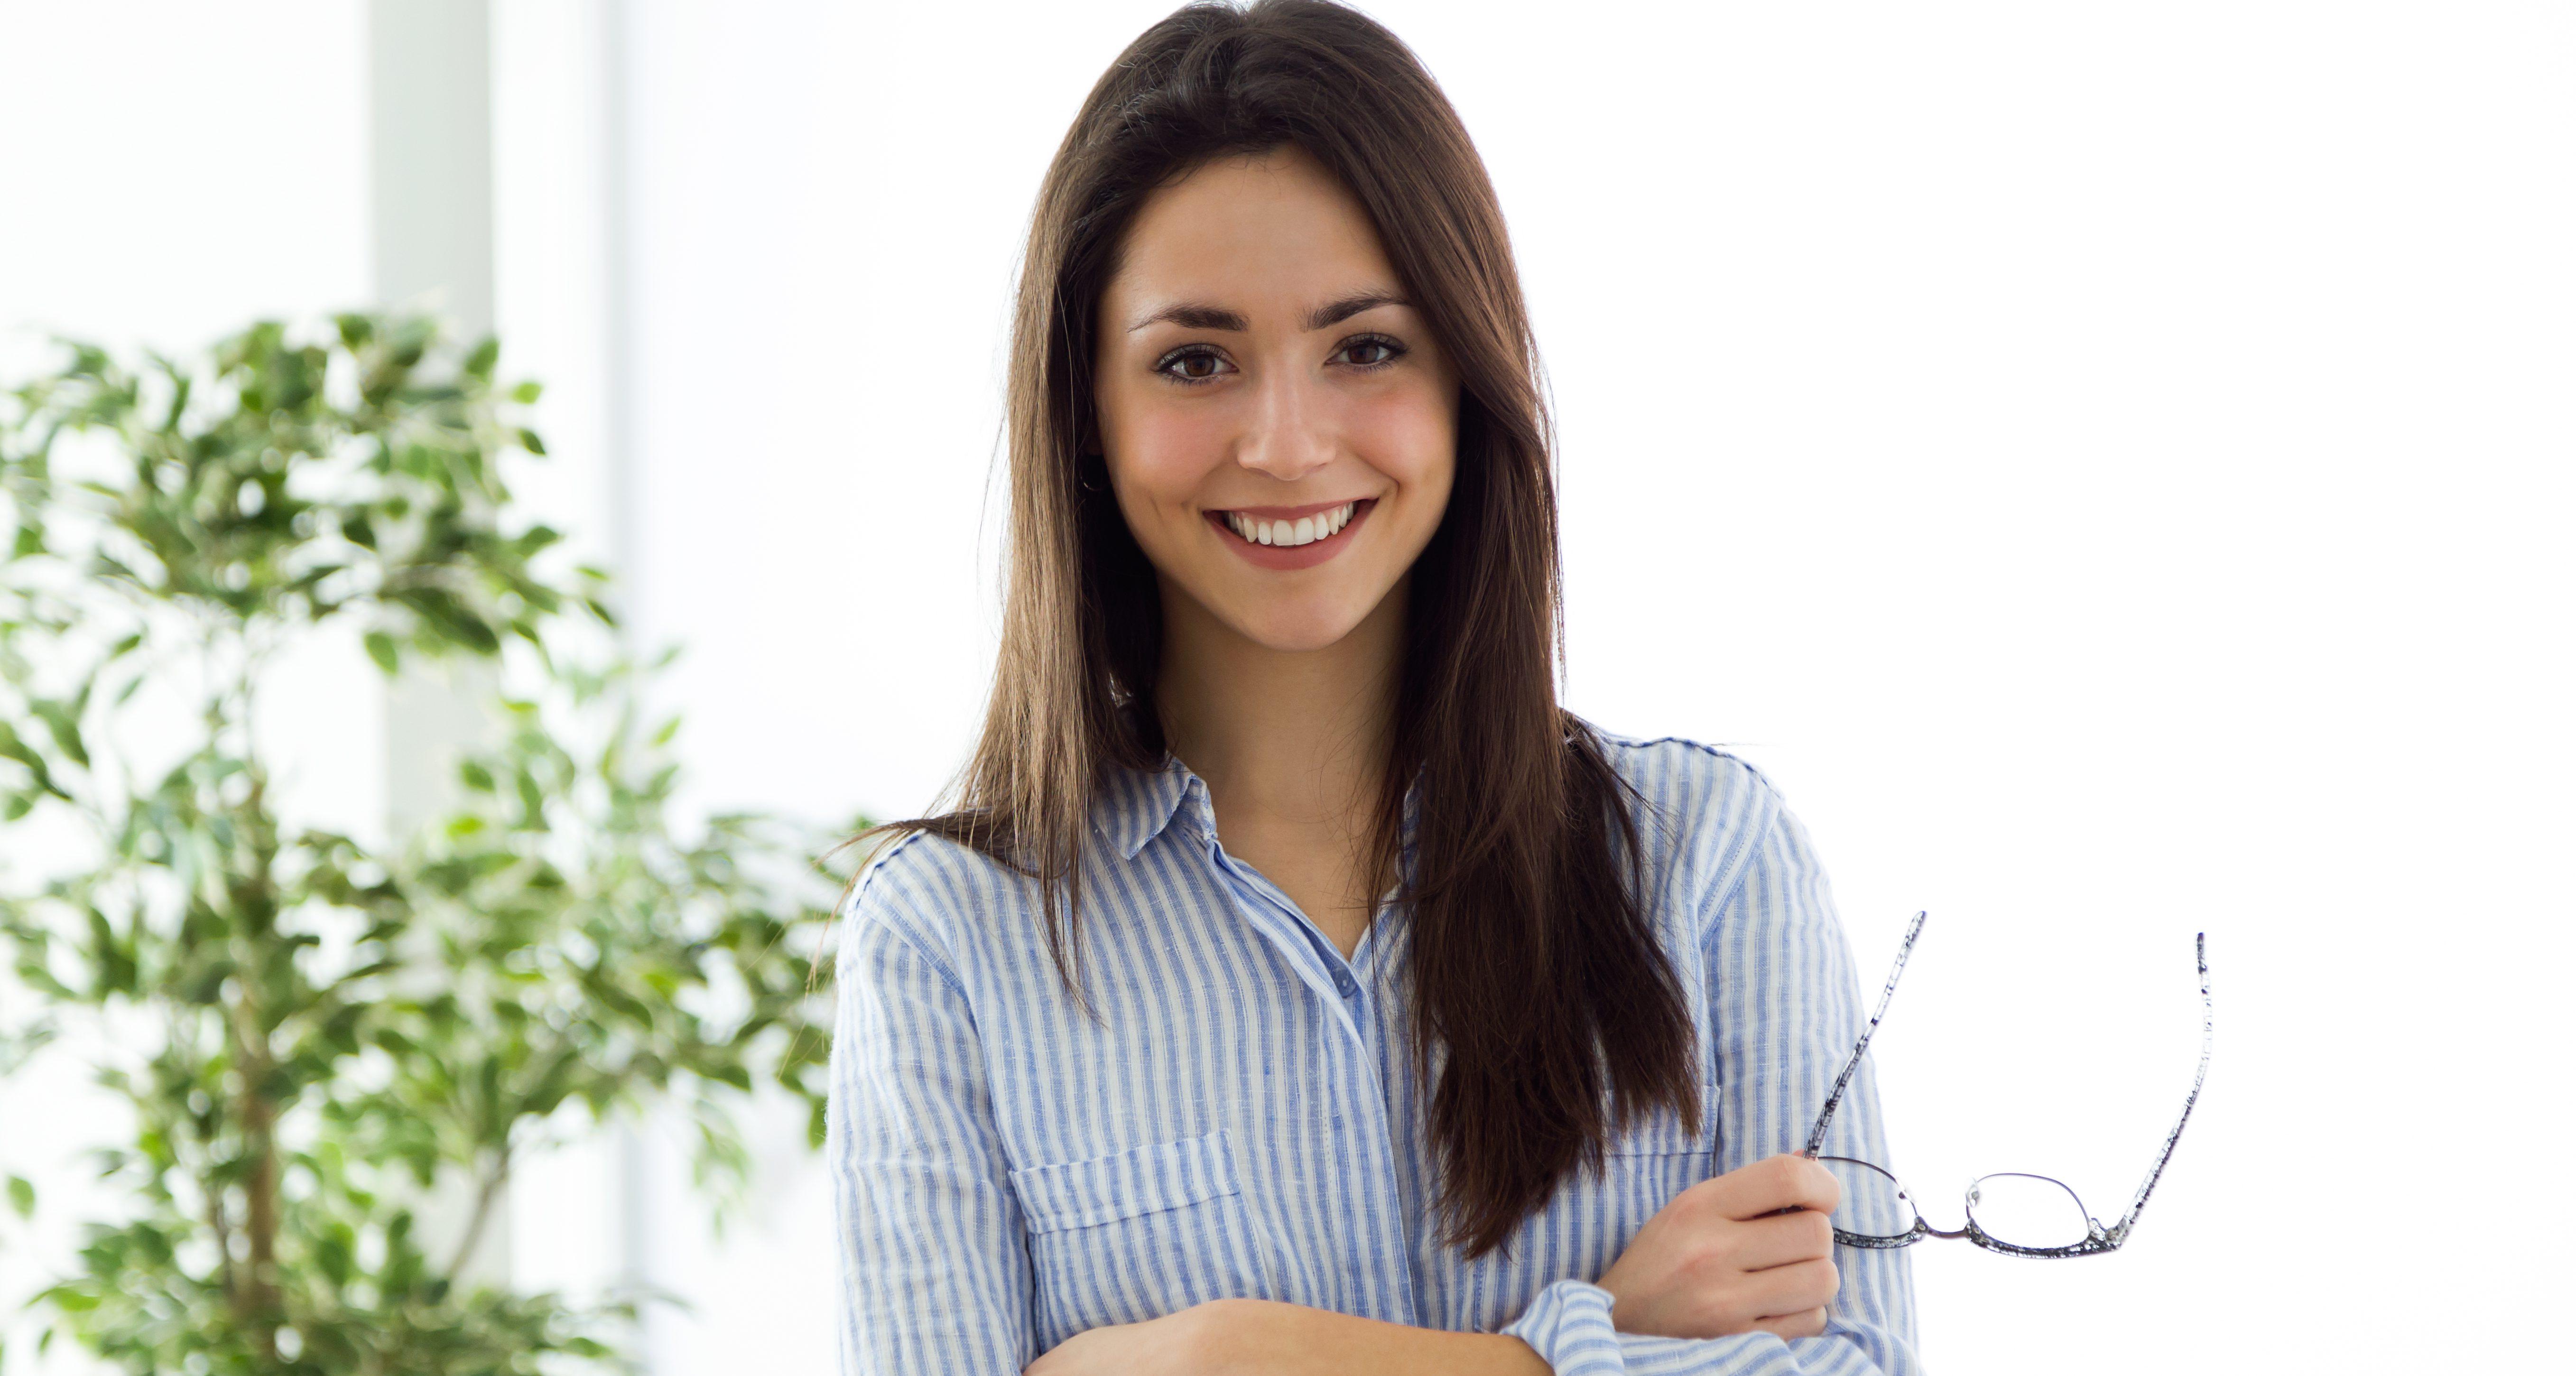 Hidratação para cabelo liso: veja como fazer em casa